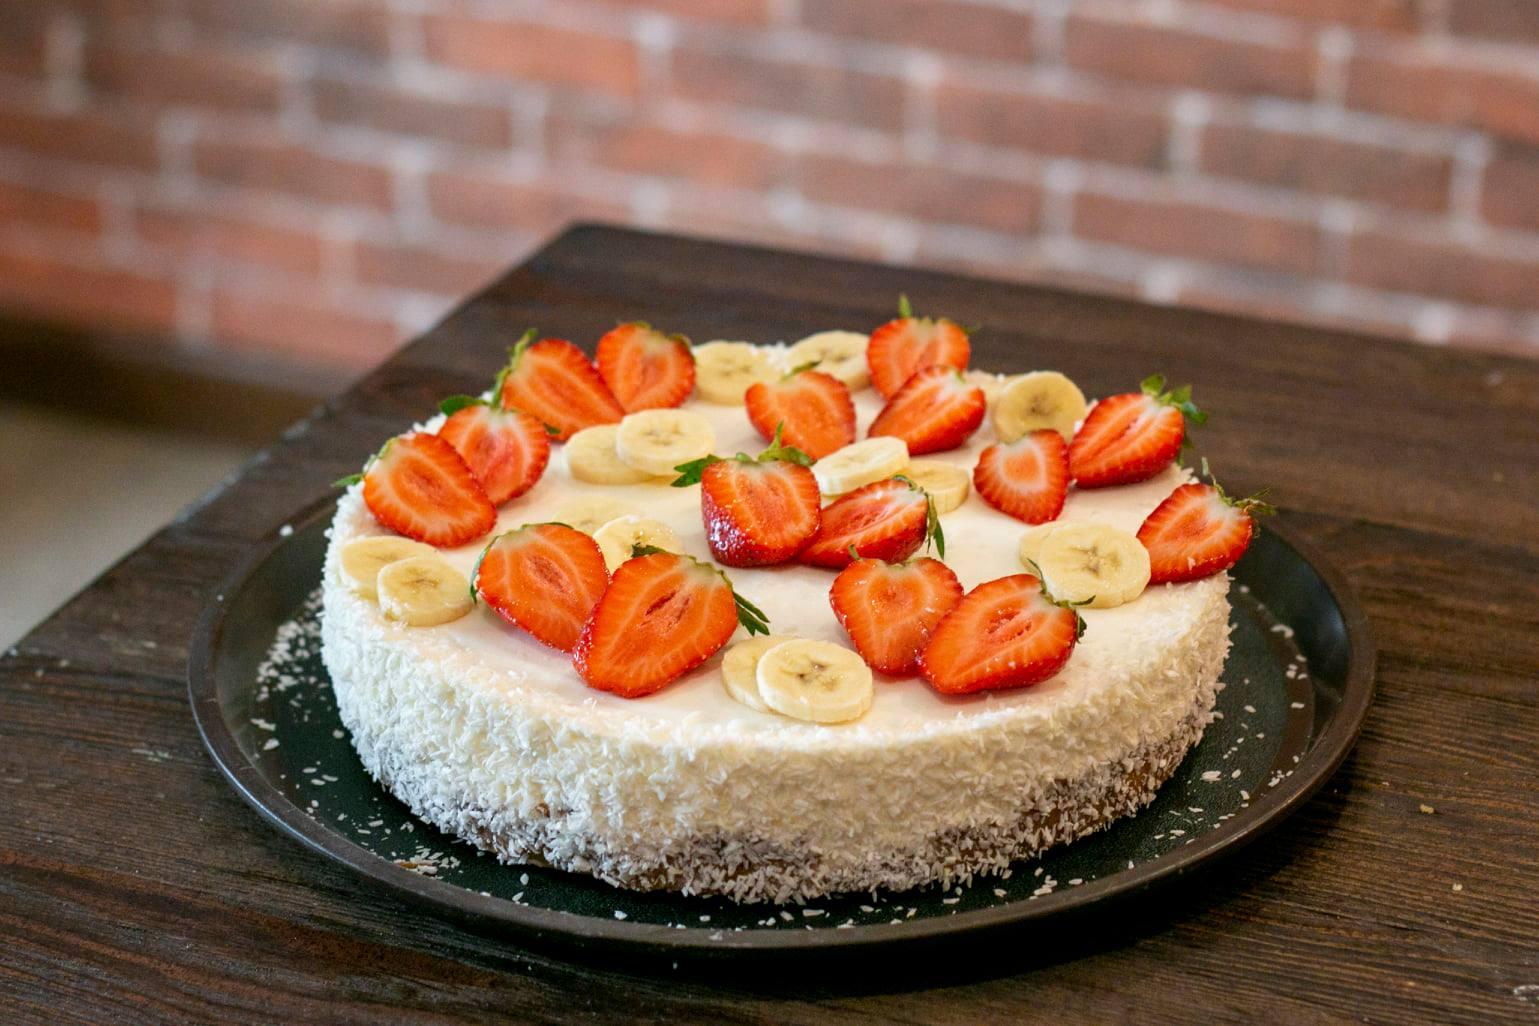 Valya's cake